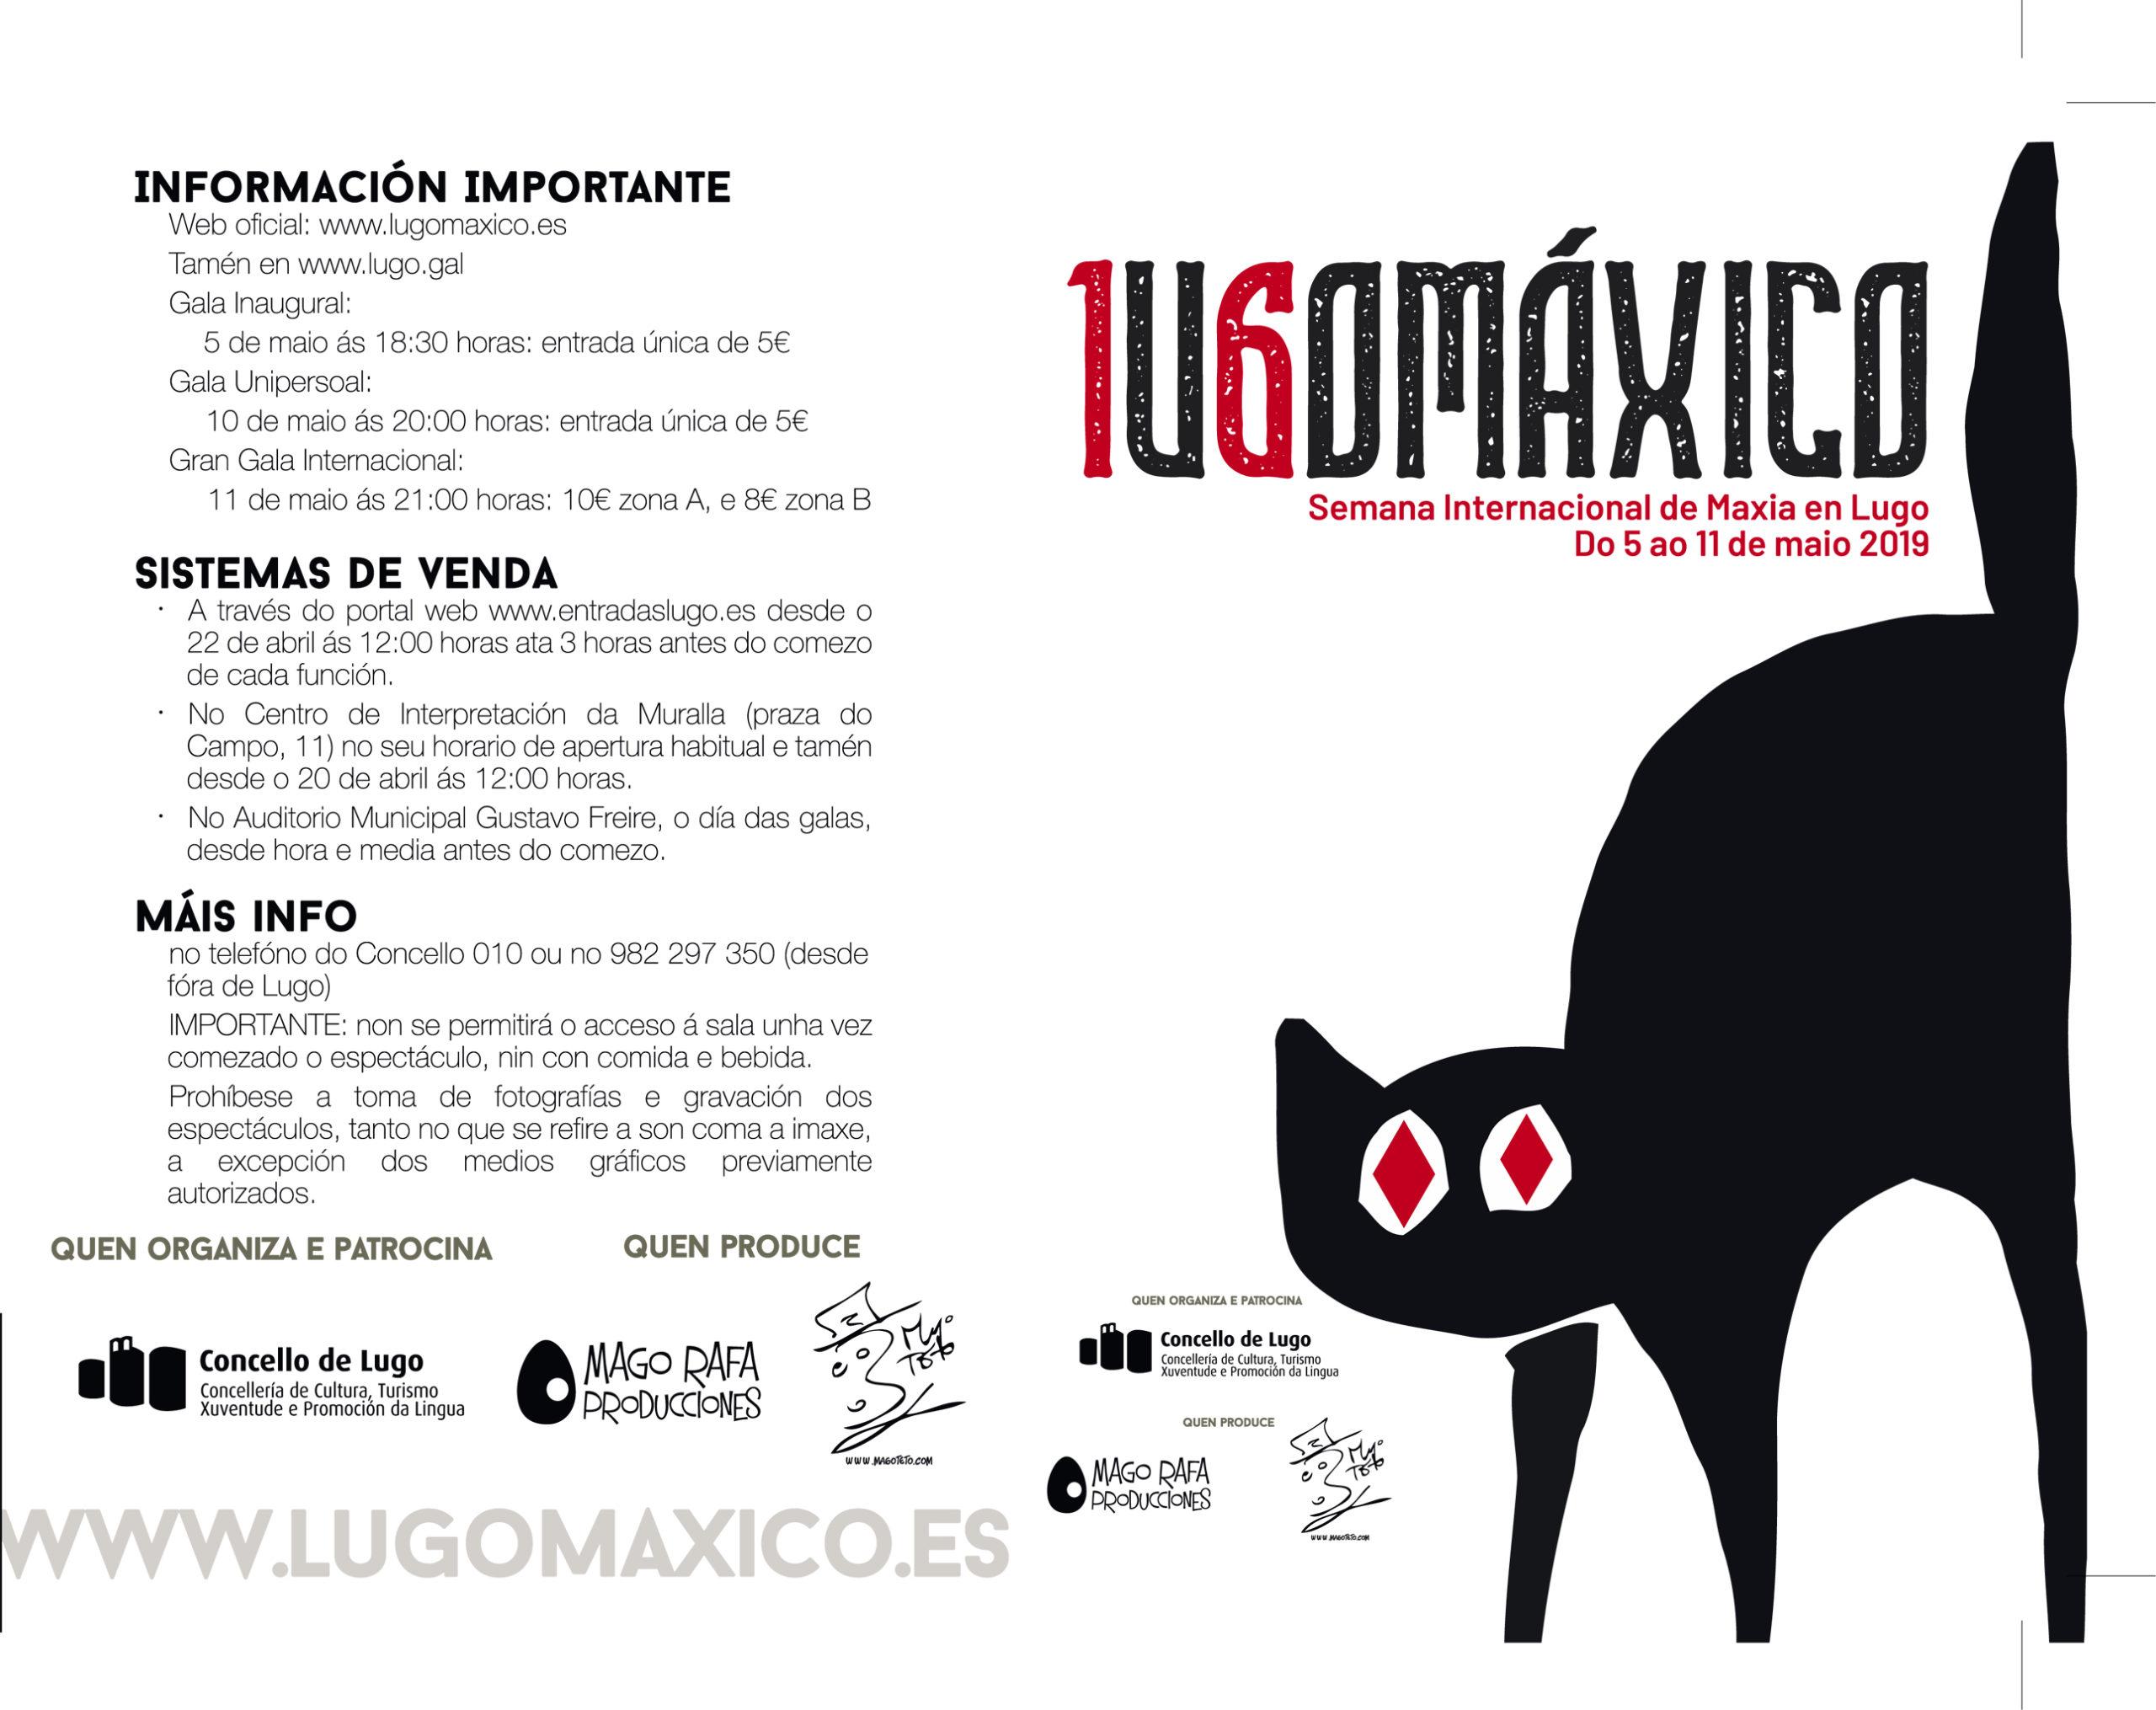 lugo-maxico-2019